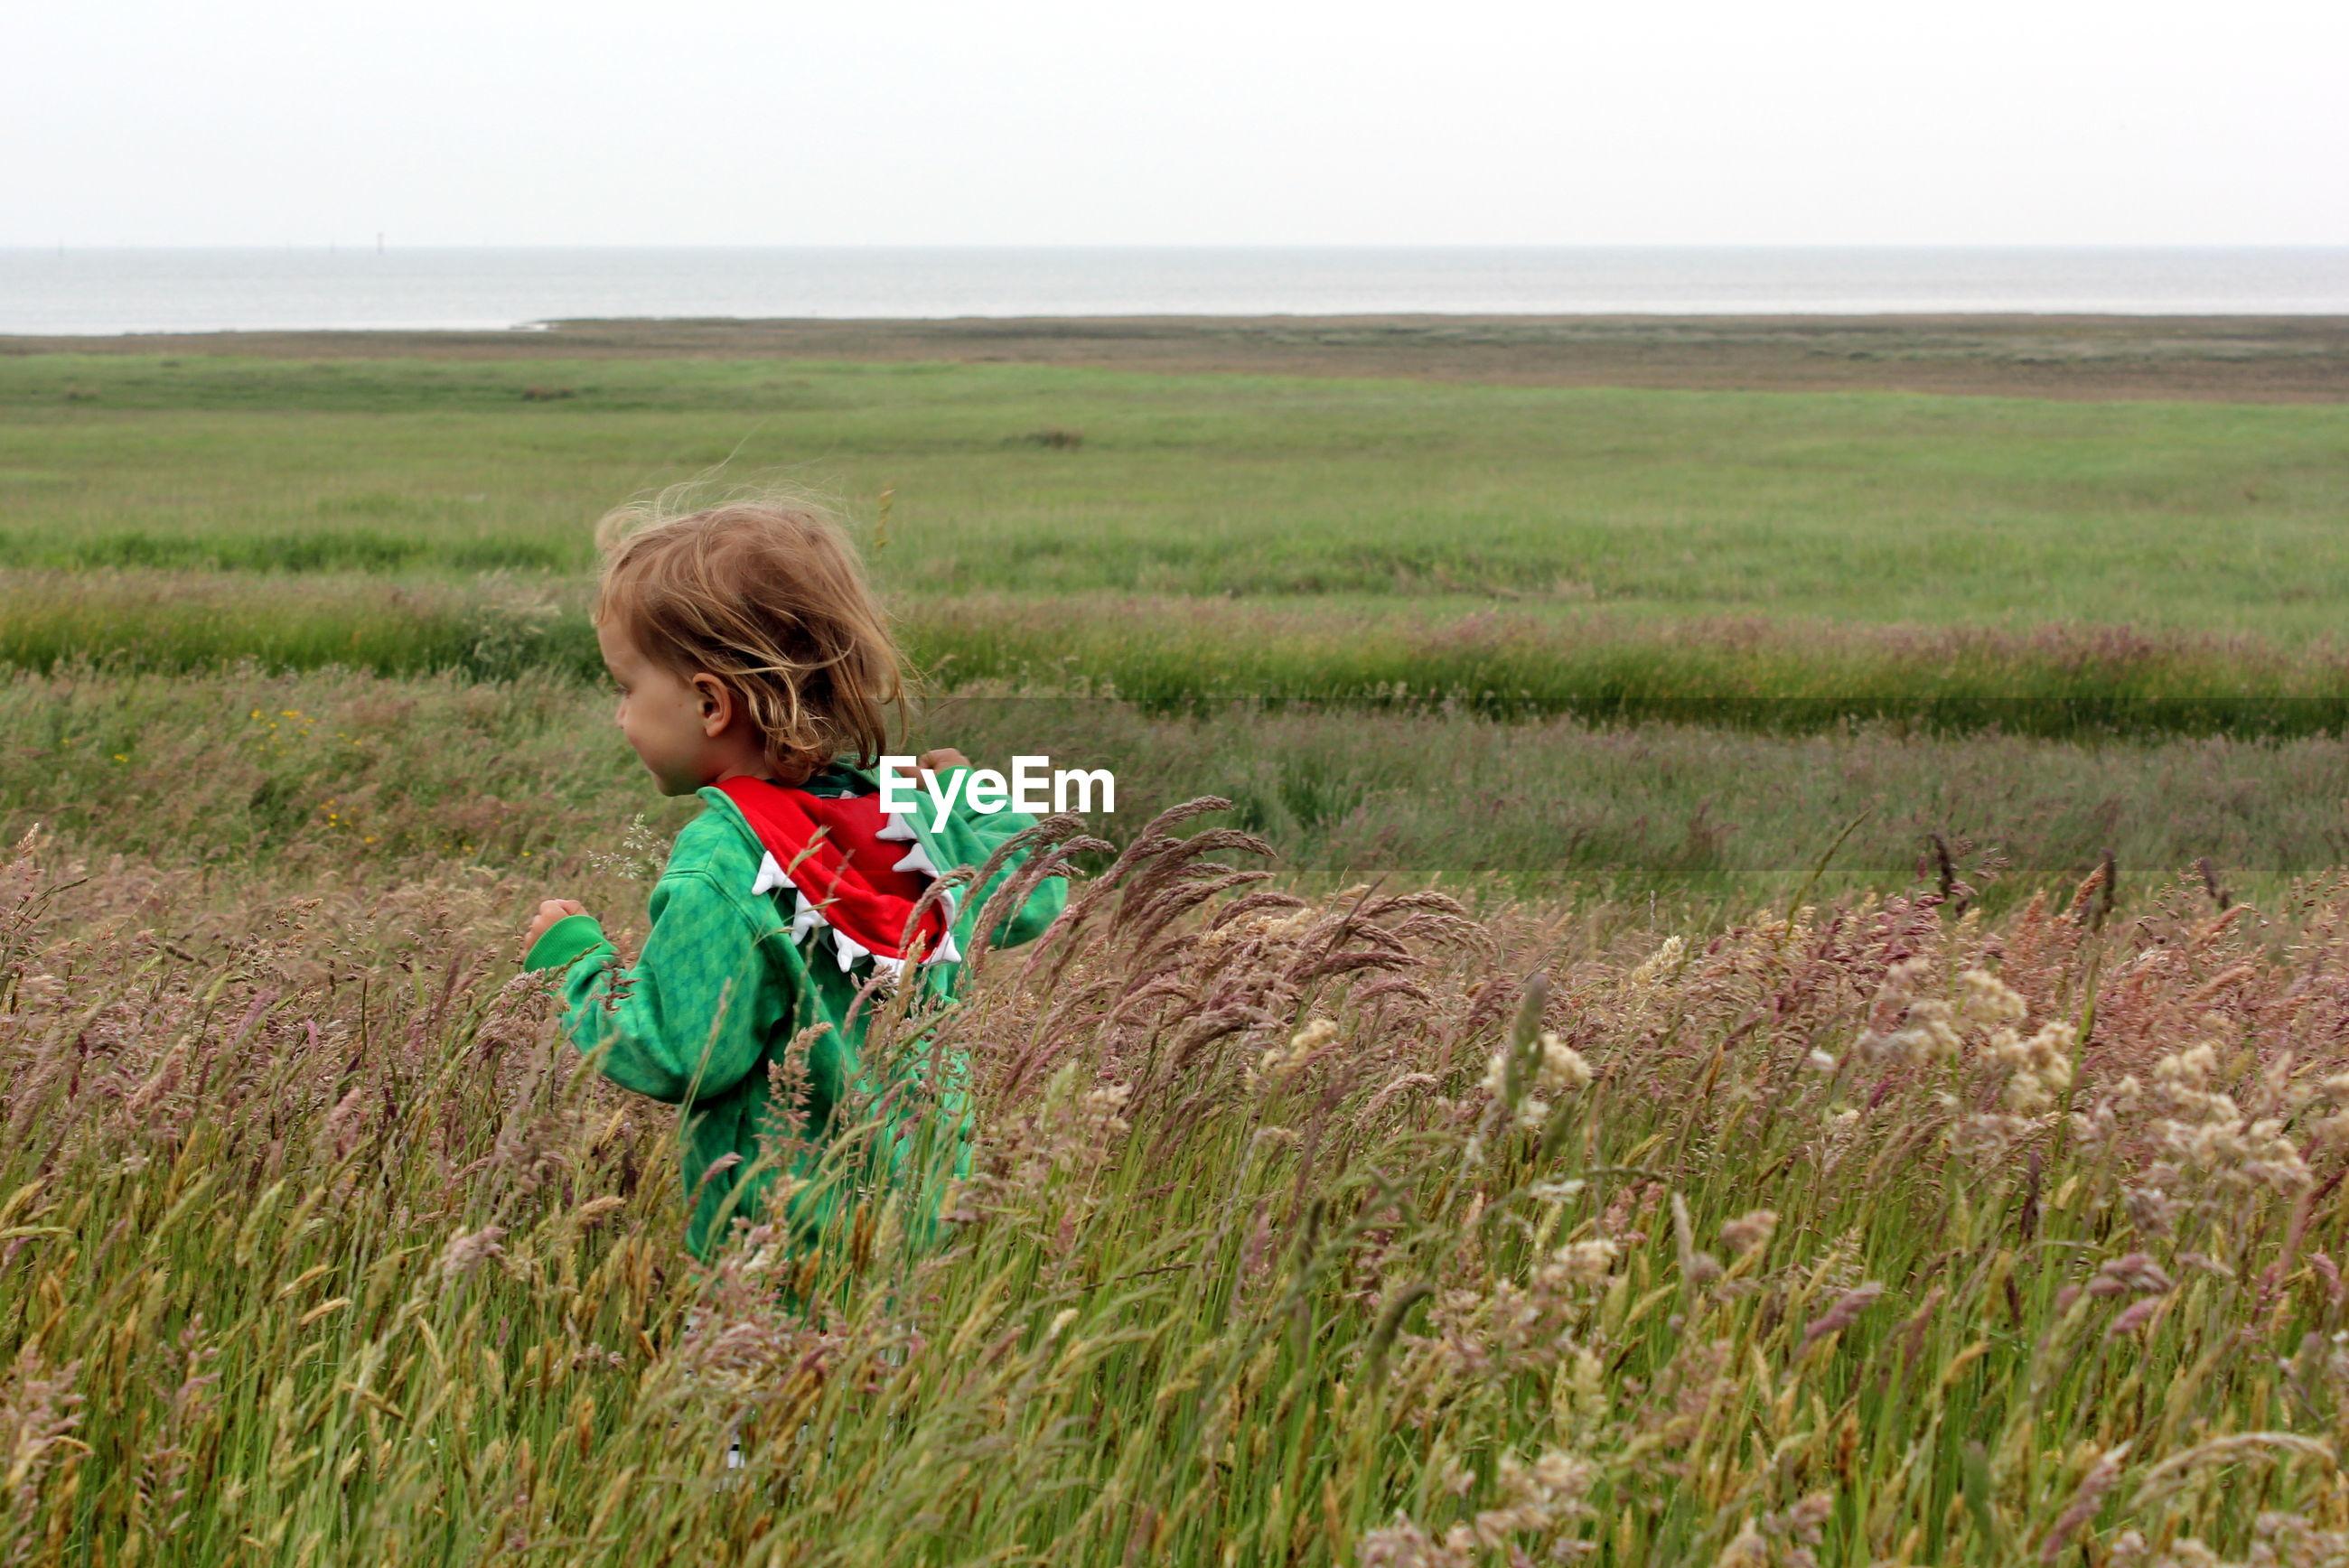 Girl on field against sky